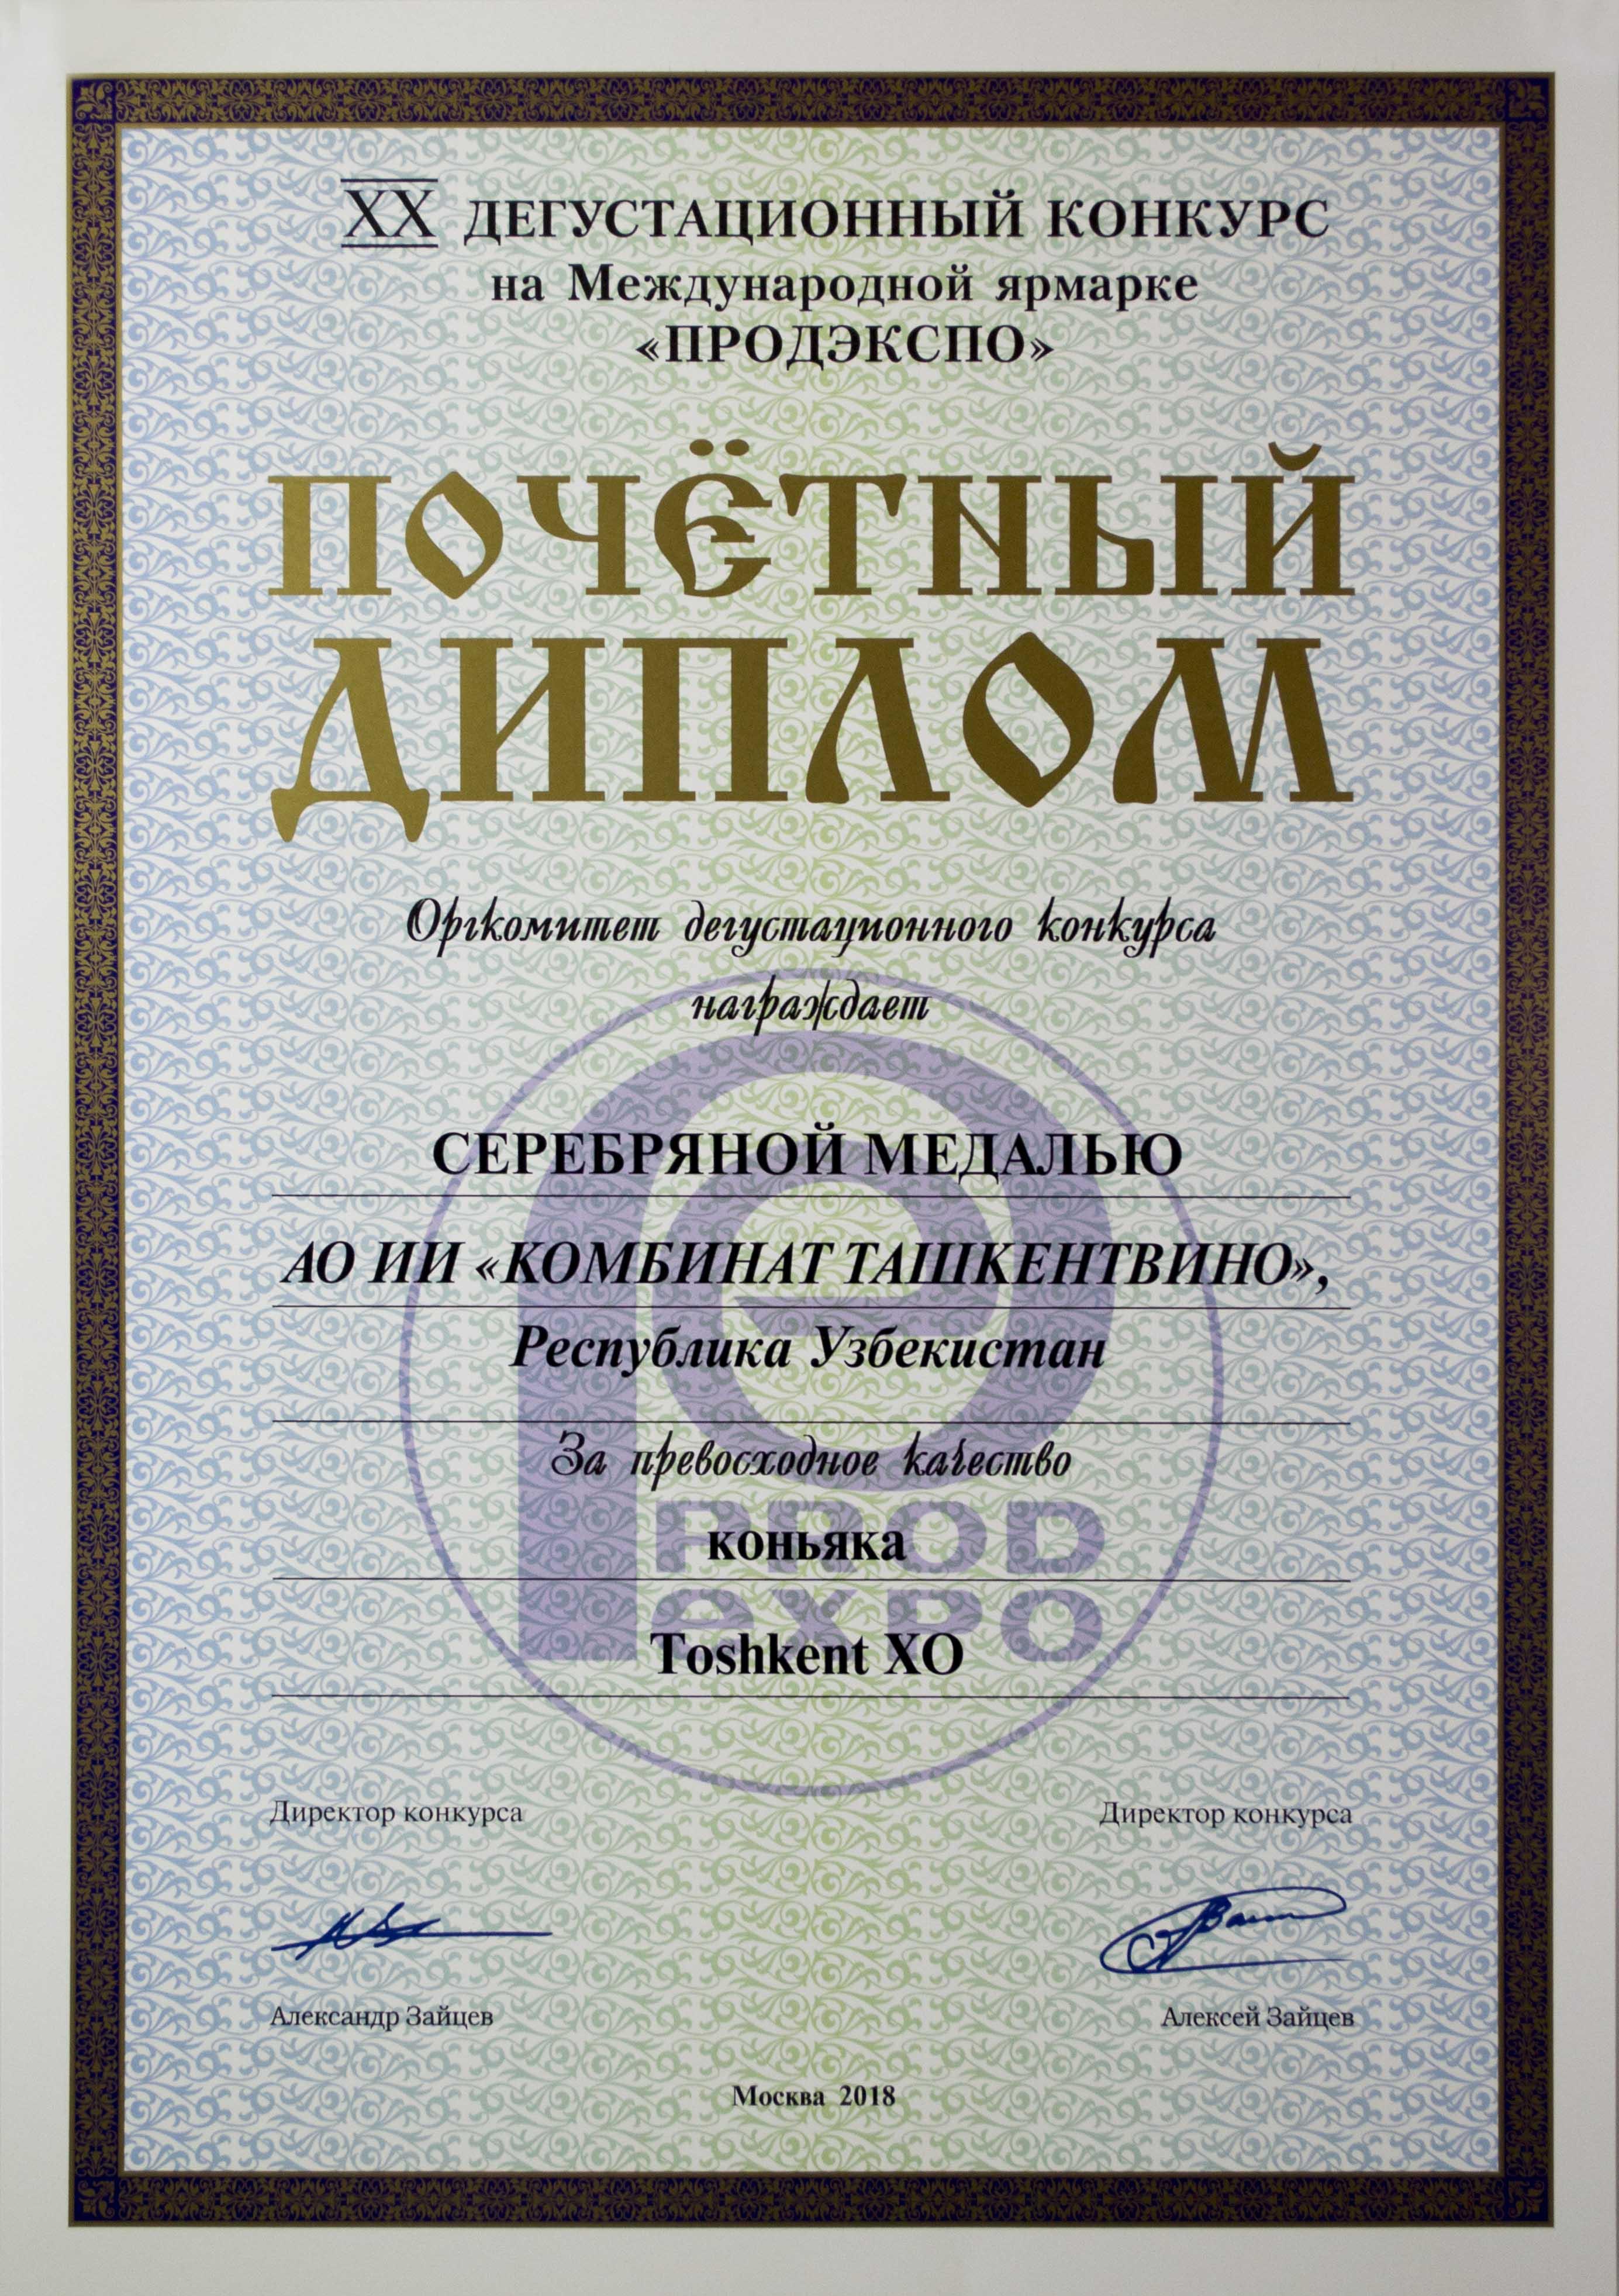 Серебряная медаль продэкспо 2018 - Коньяк Тошкент ХО